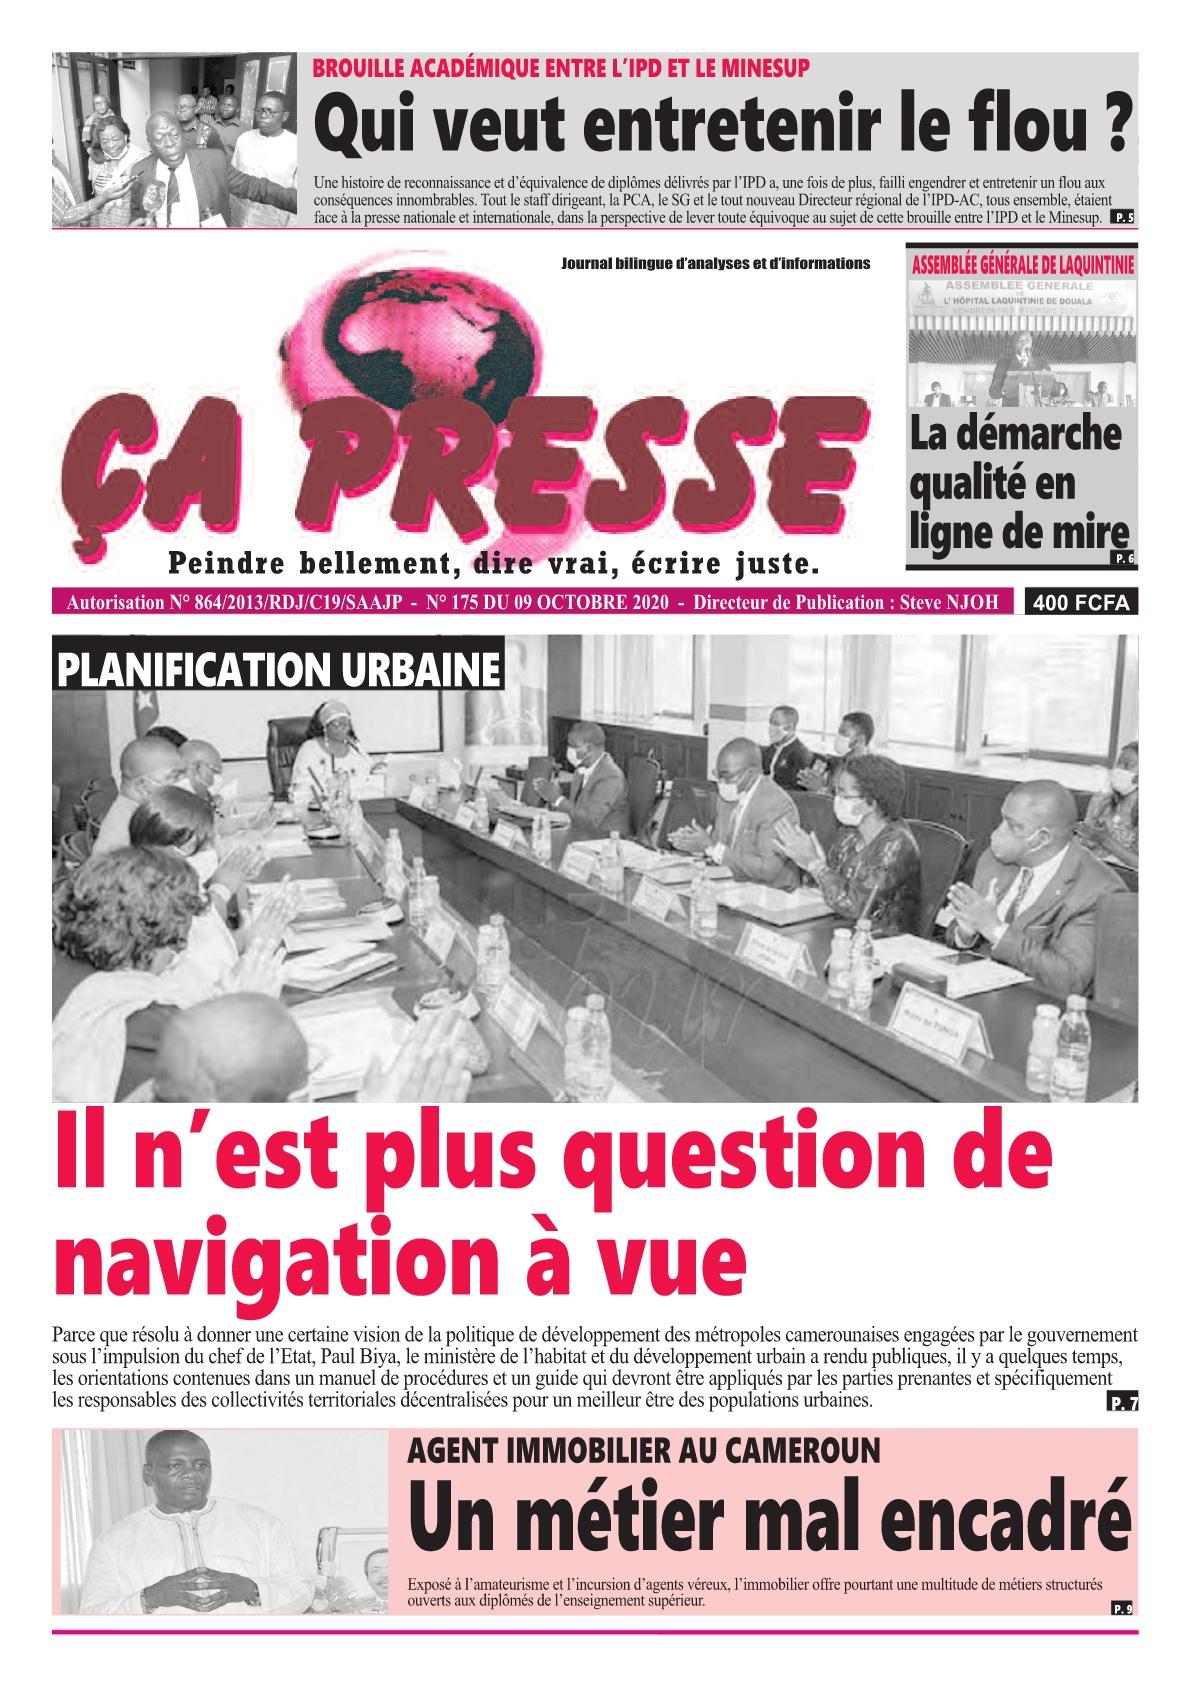 ÇA PRESSE - 09/10/2020